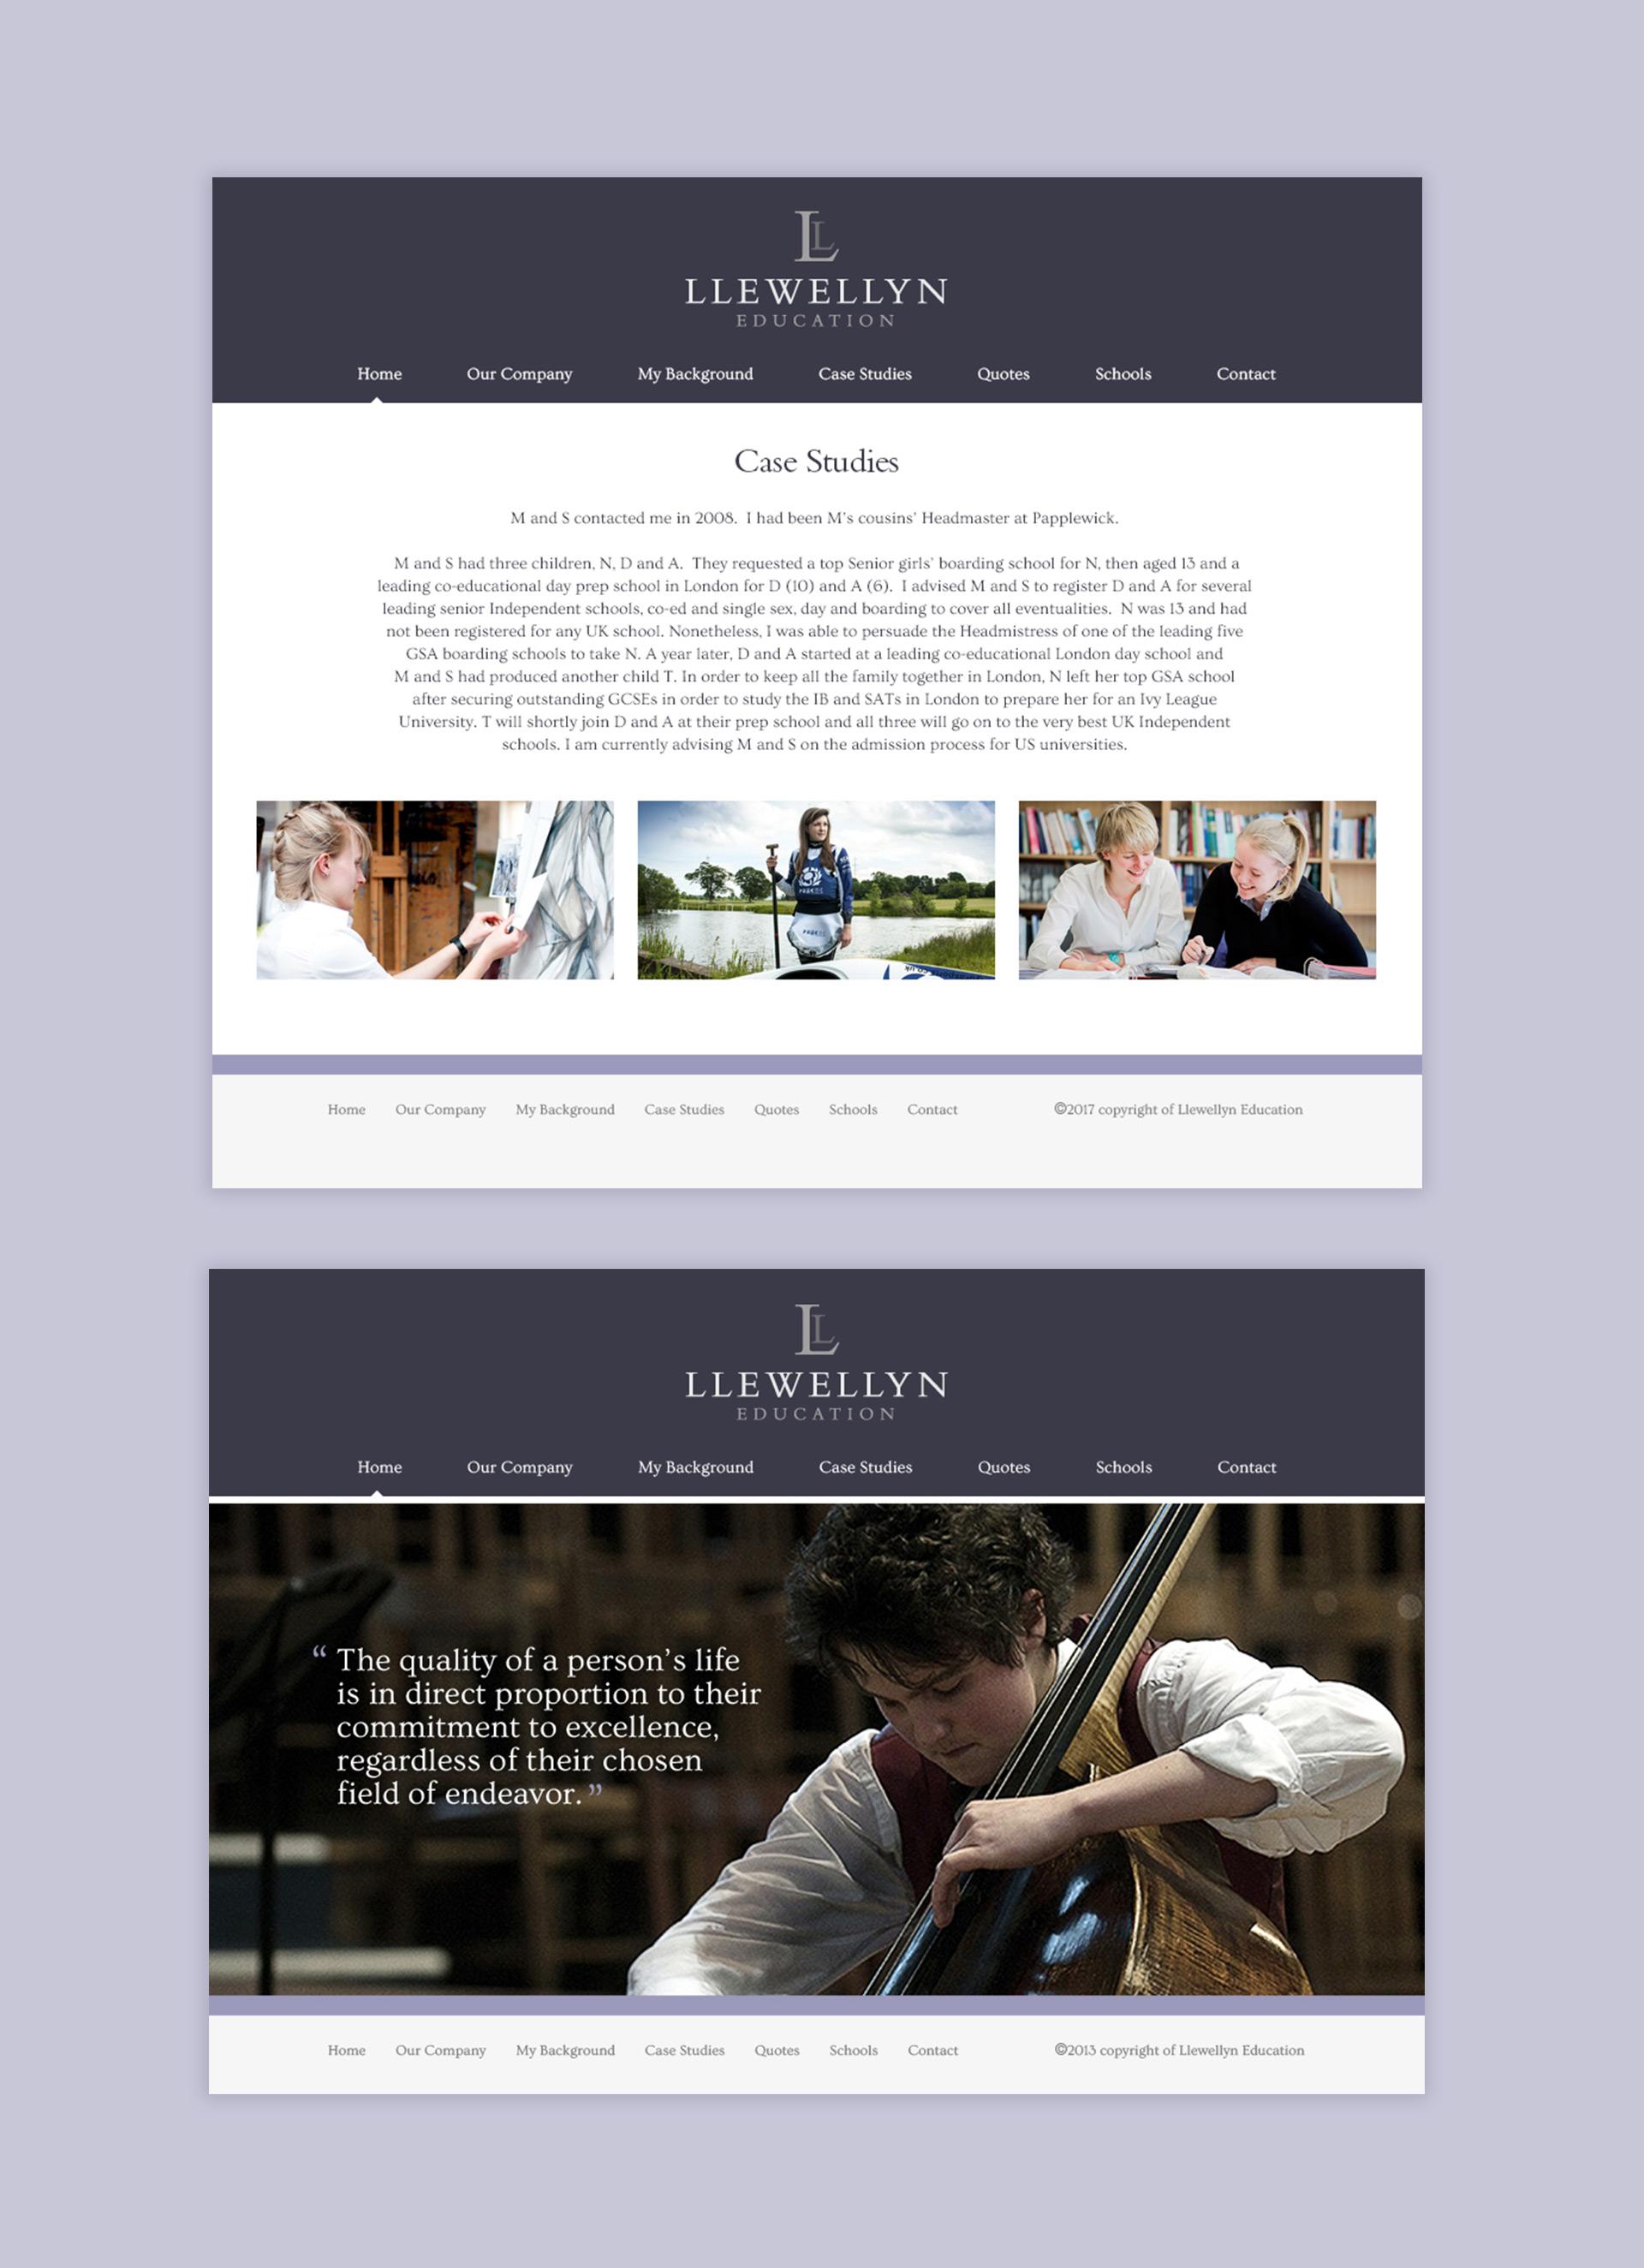 Lllewlyn education website